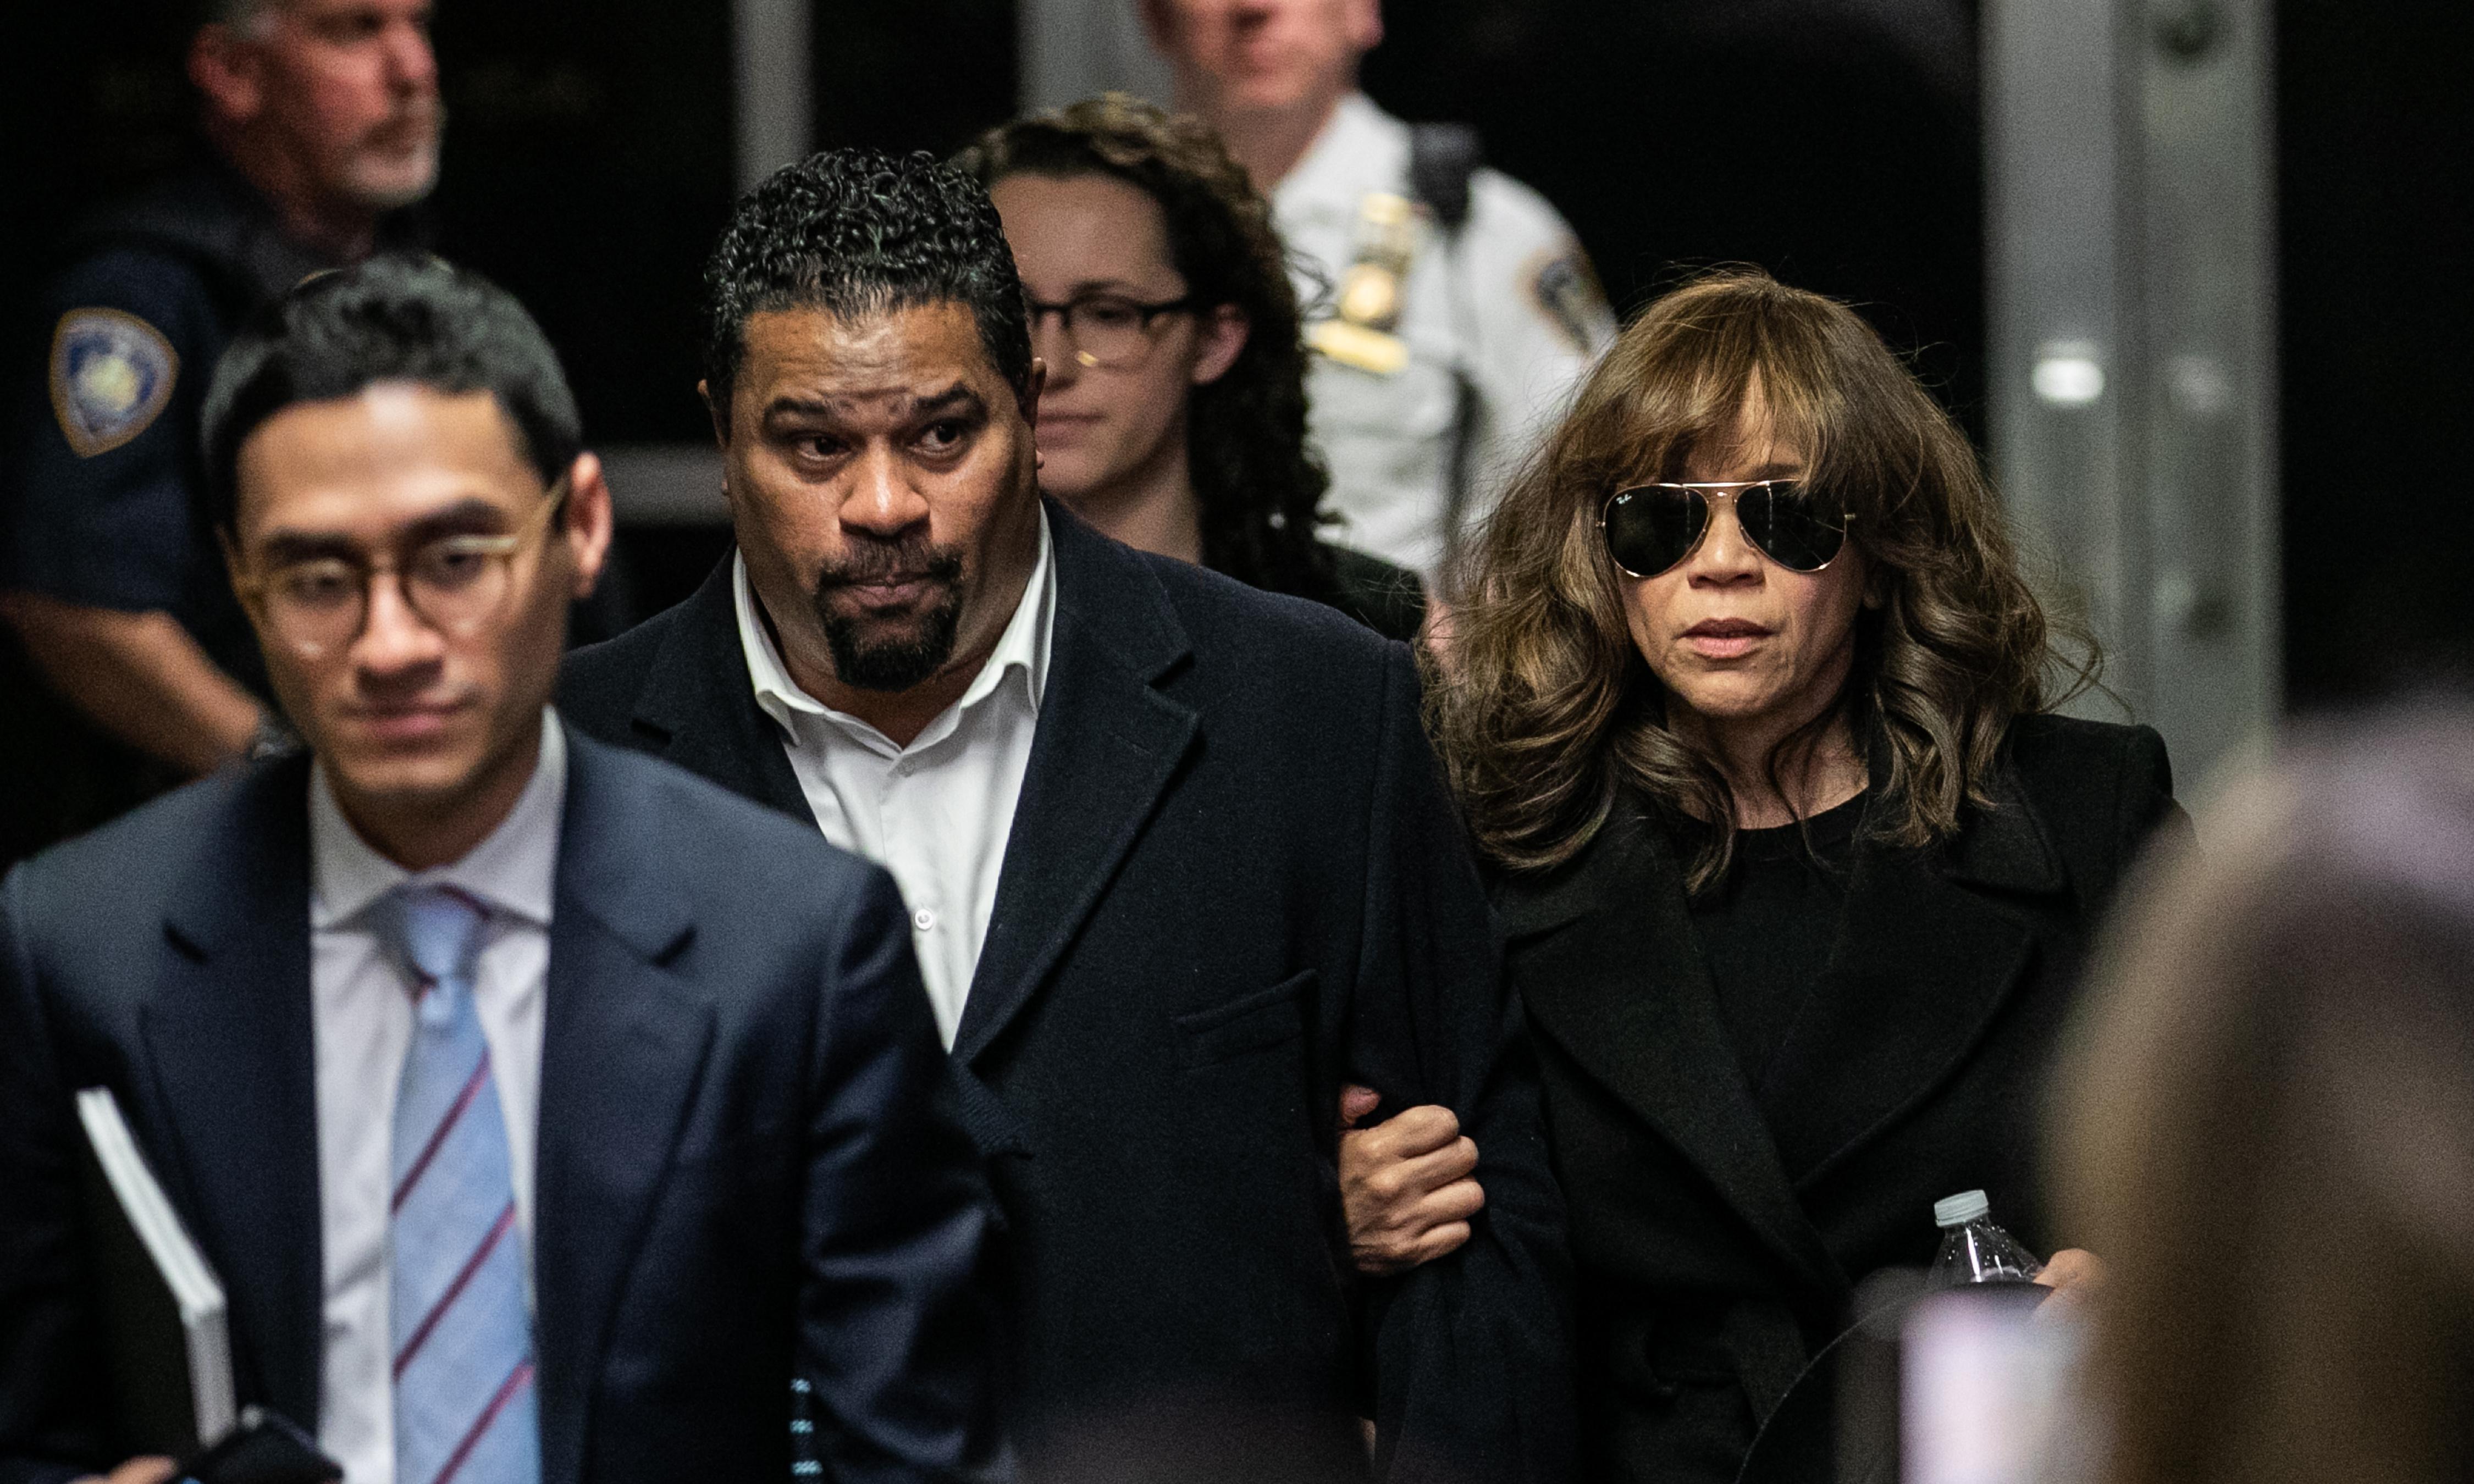 Actor Rosie Perez testifies friend told her she was raped by Harvey Weinstein